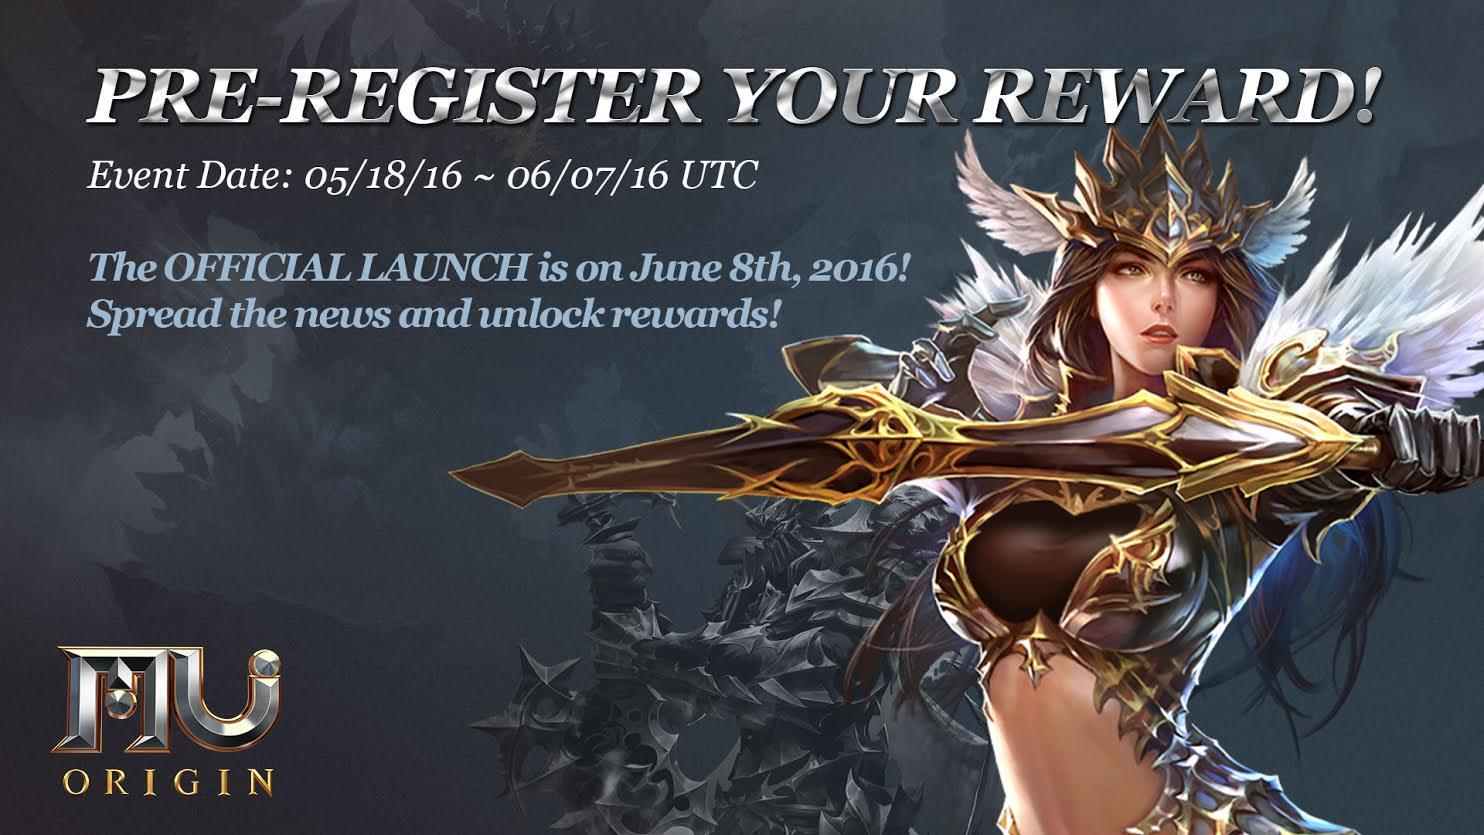 MU Origin pre-register image